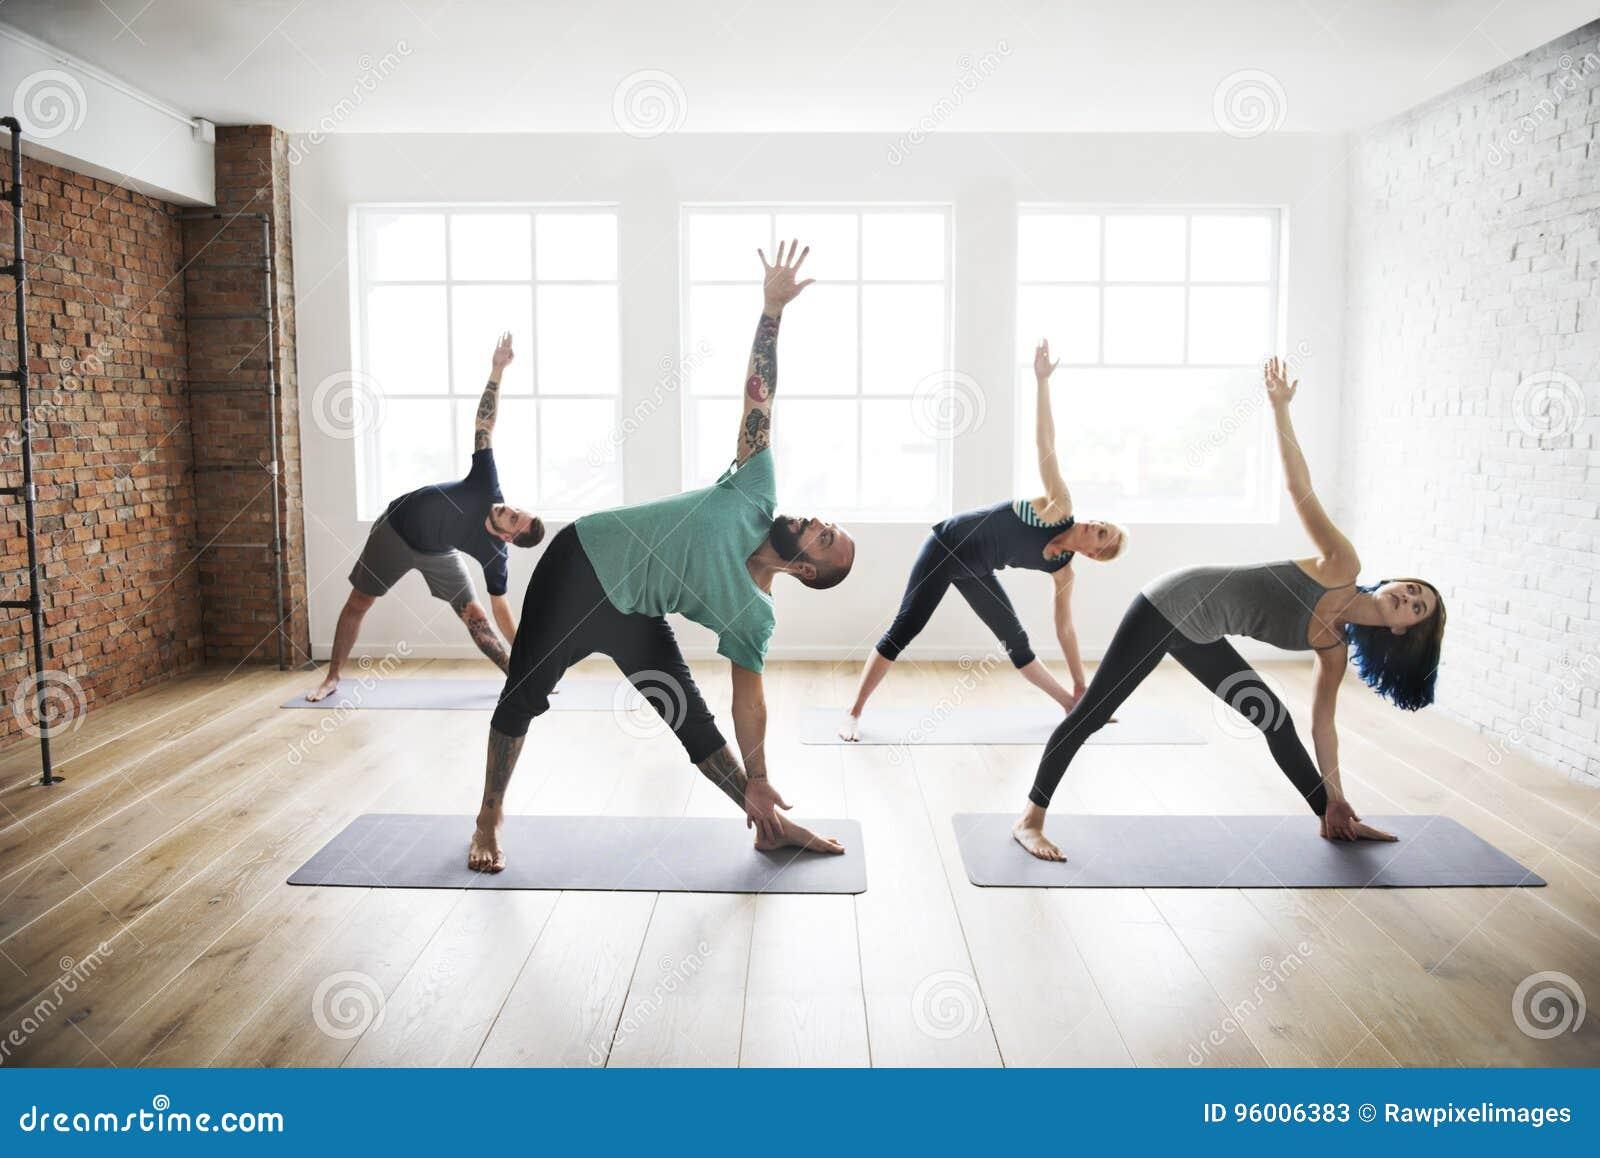 瑜伽练习类健康概念